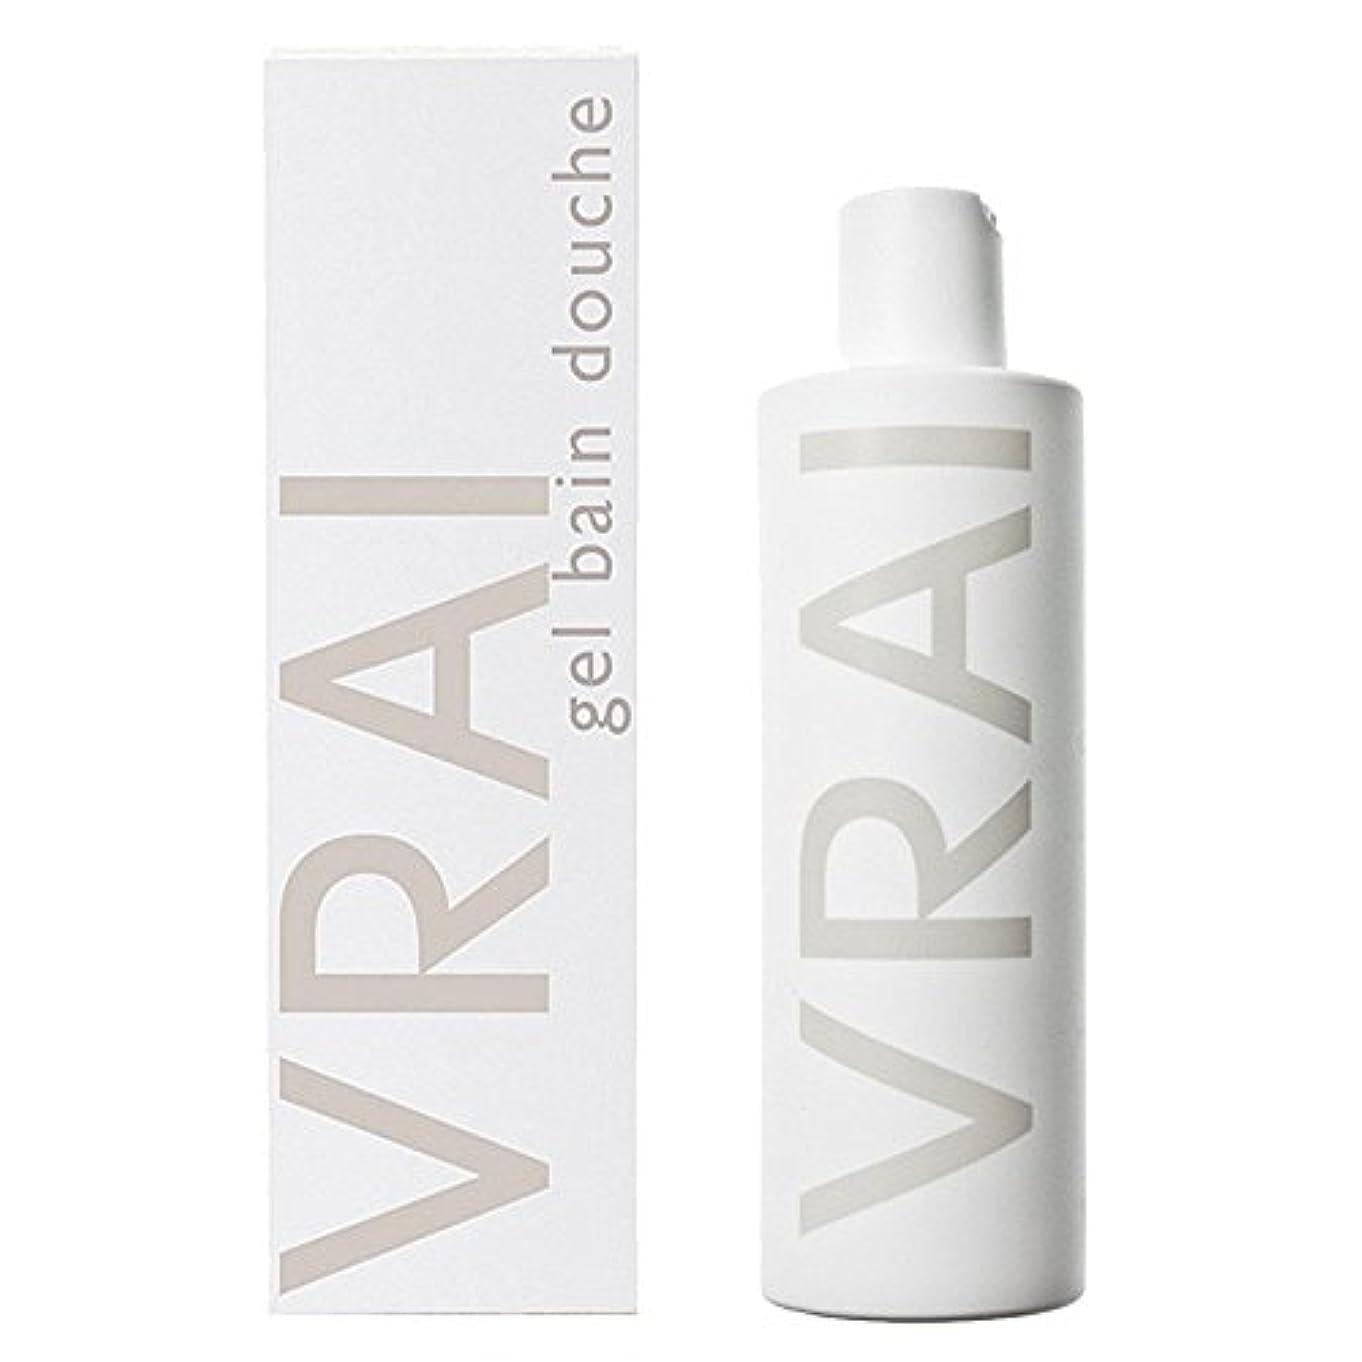 腐敗影排除するFragonard VRAI (フラゴナール ブライ) 8.3 oz (250ml) Bath & Shower Gel